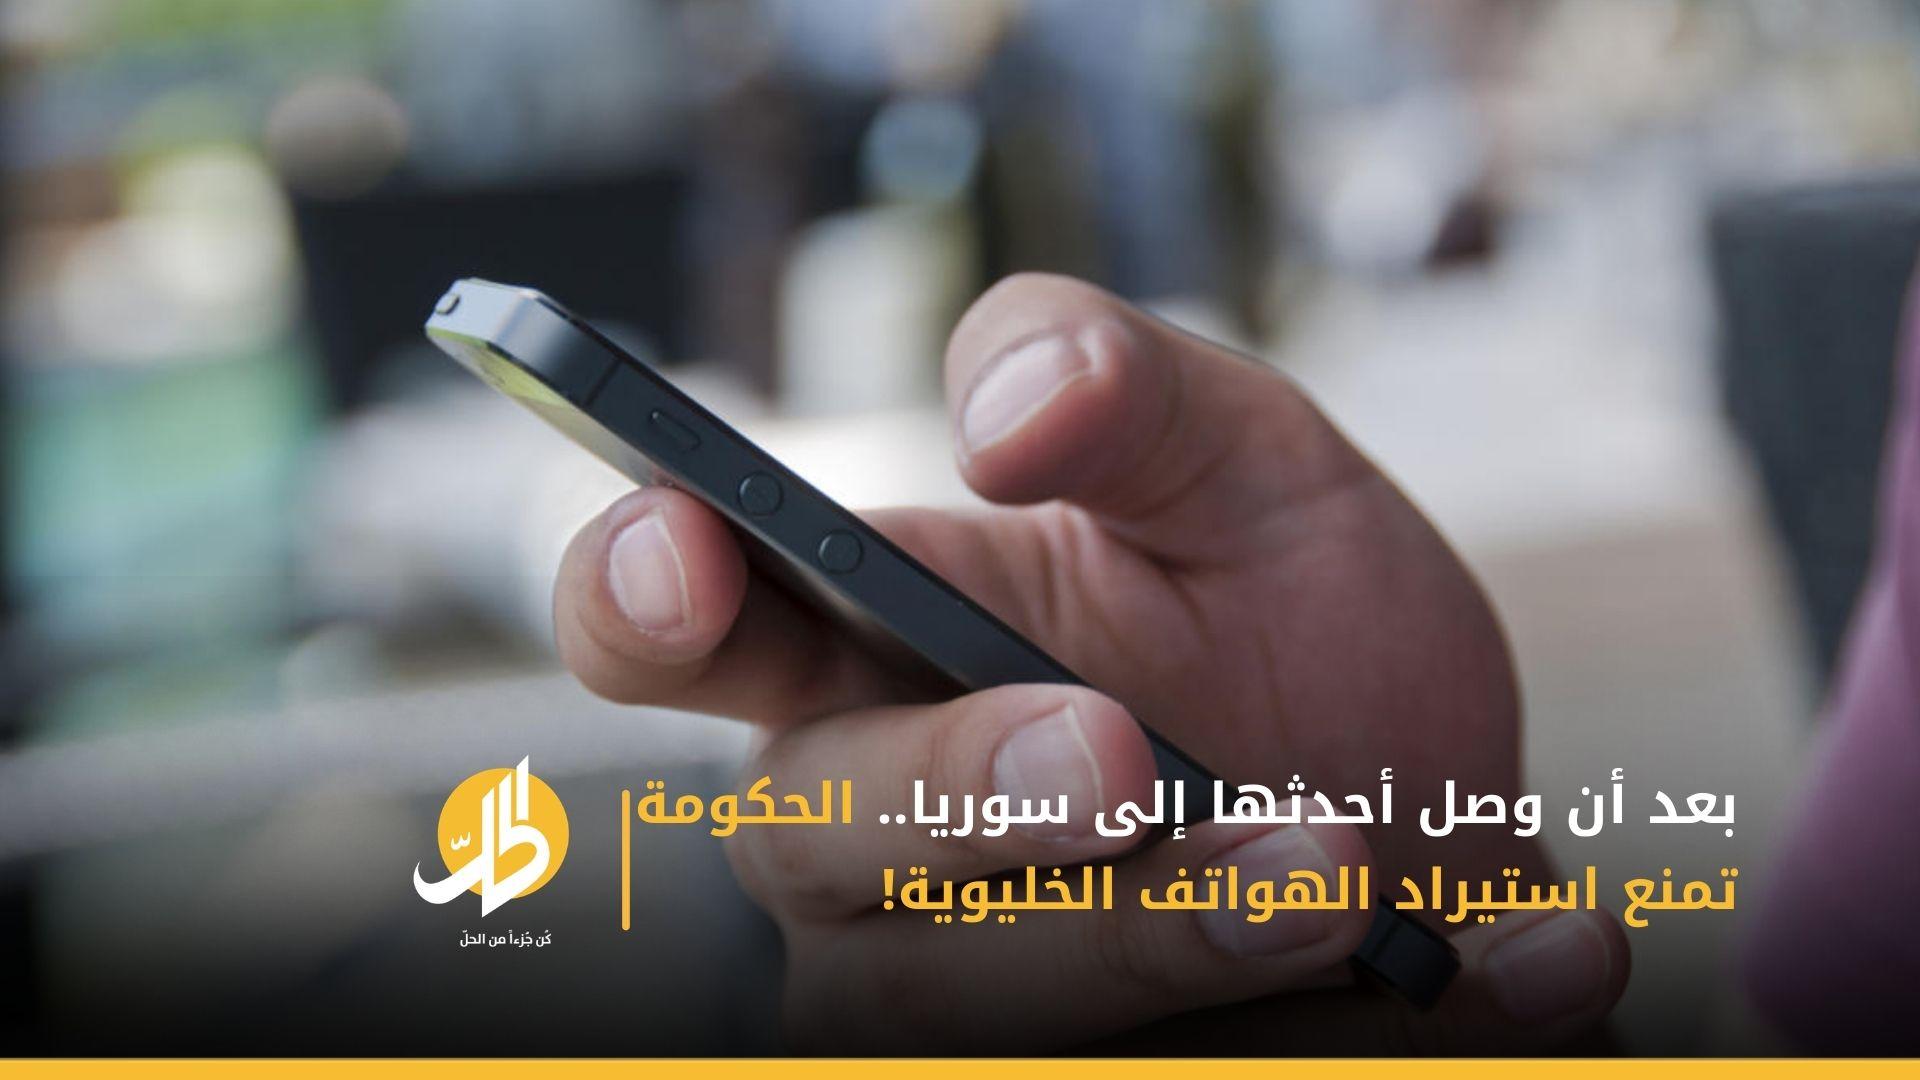 بعد أن وصل أحدثها إلى سوريا.. الحكومة تمنع استيراد الهواتف الخليوية!